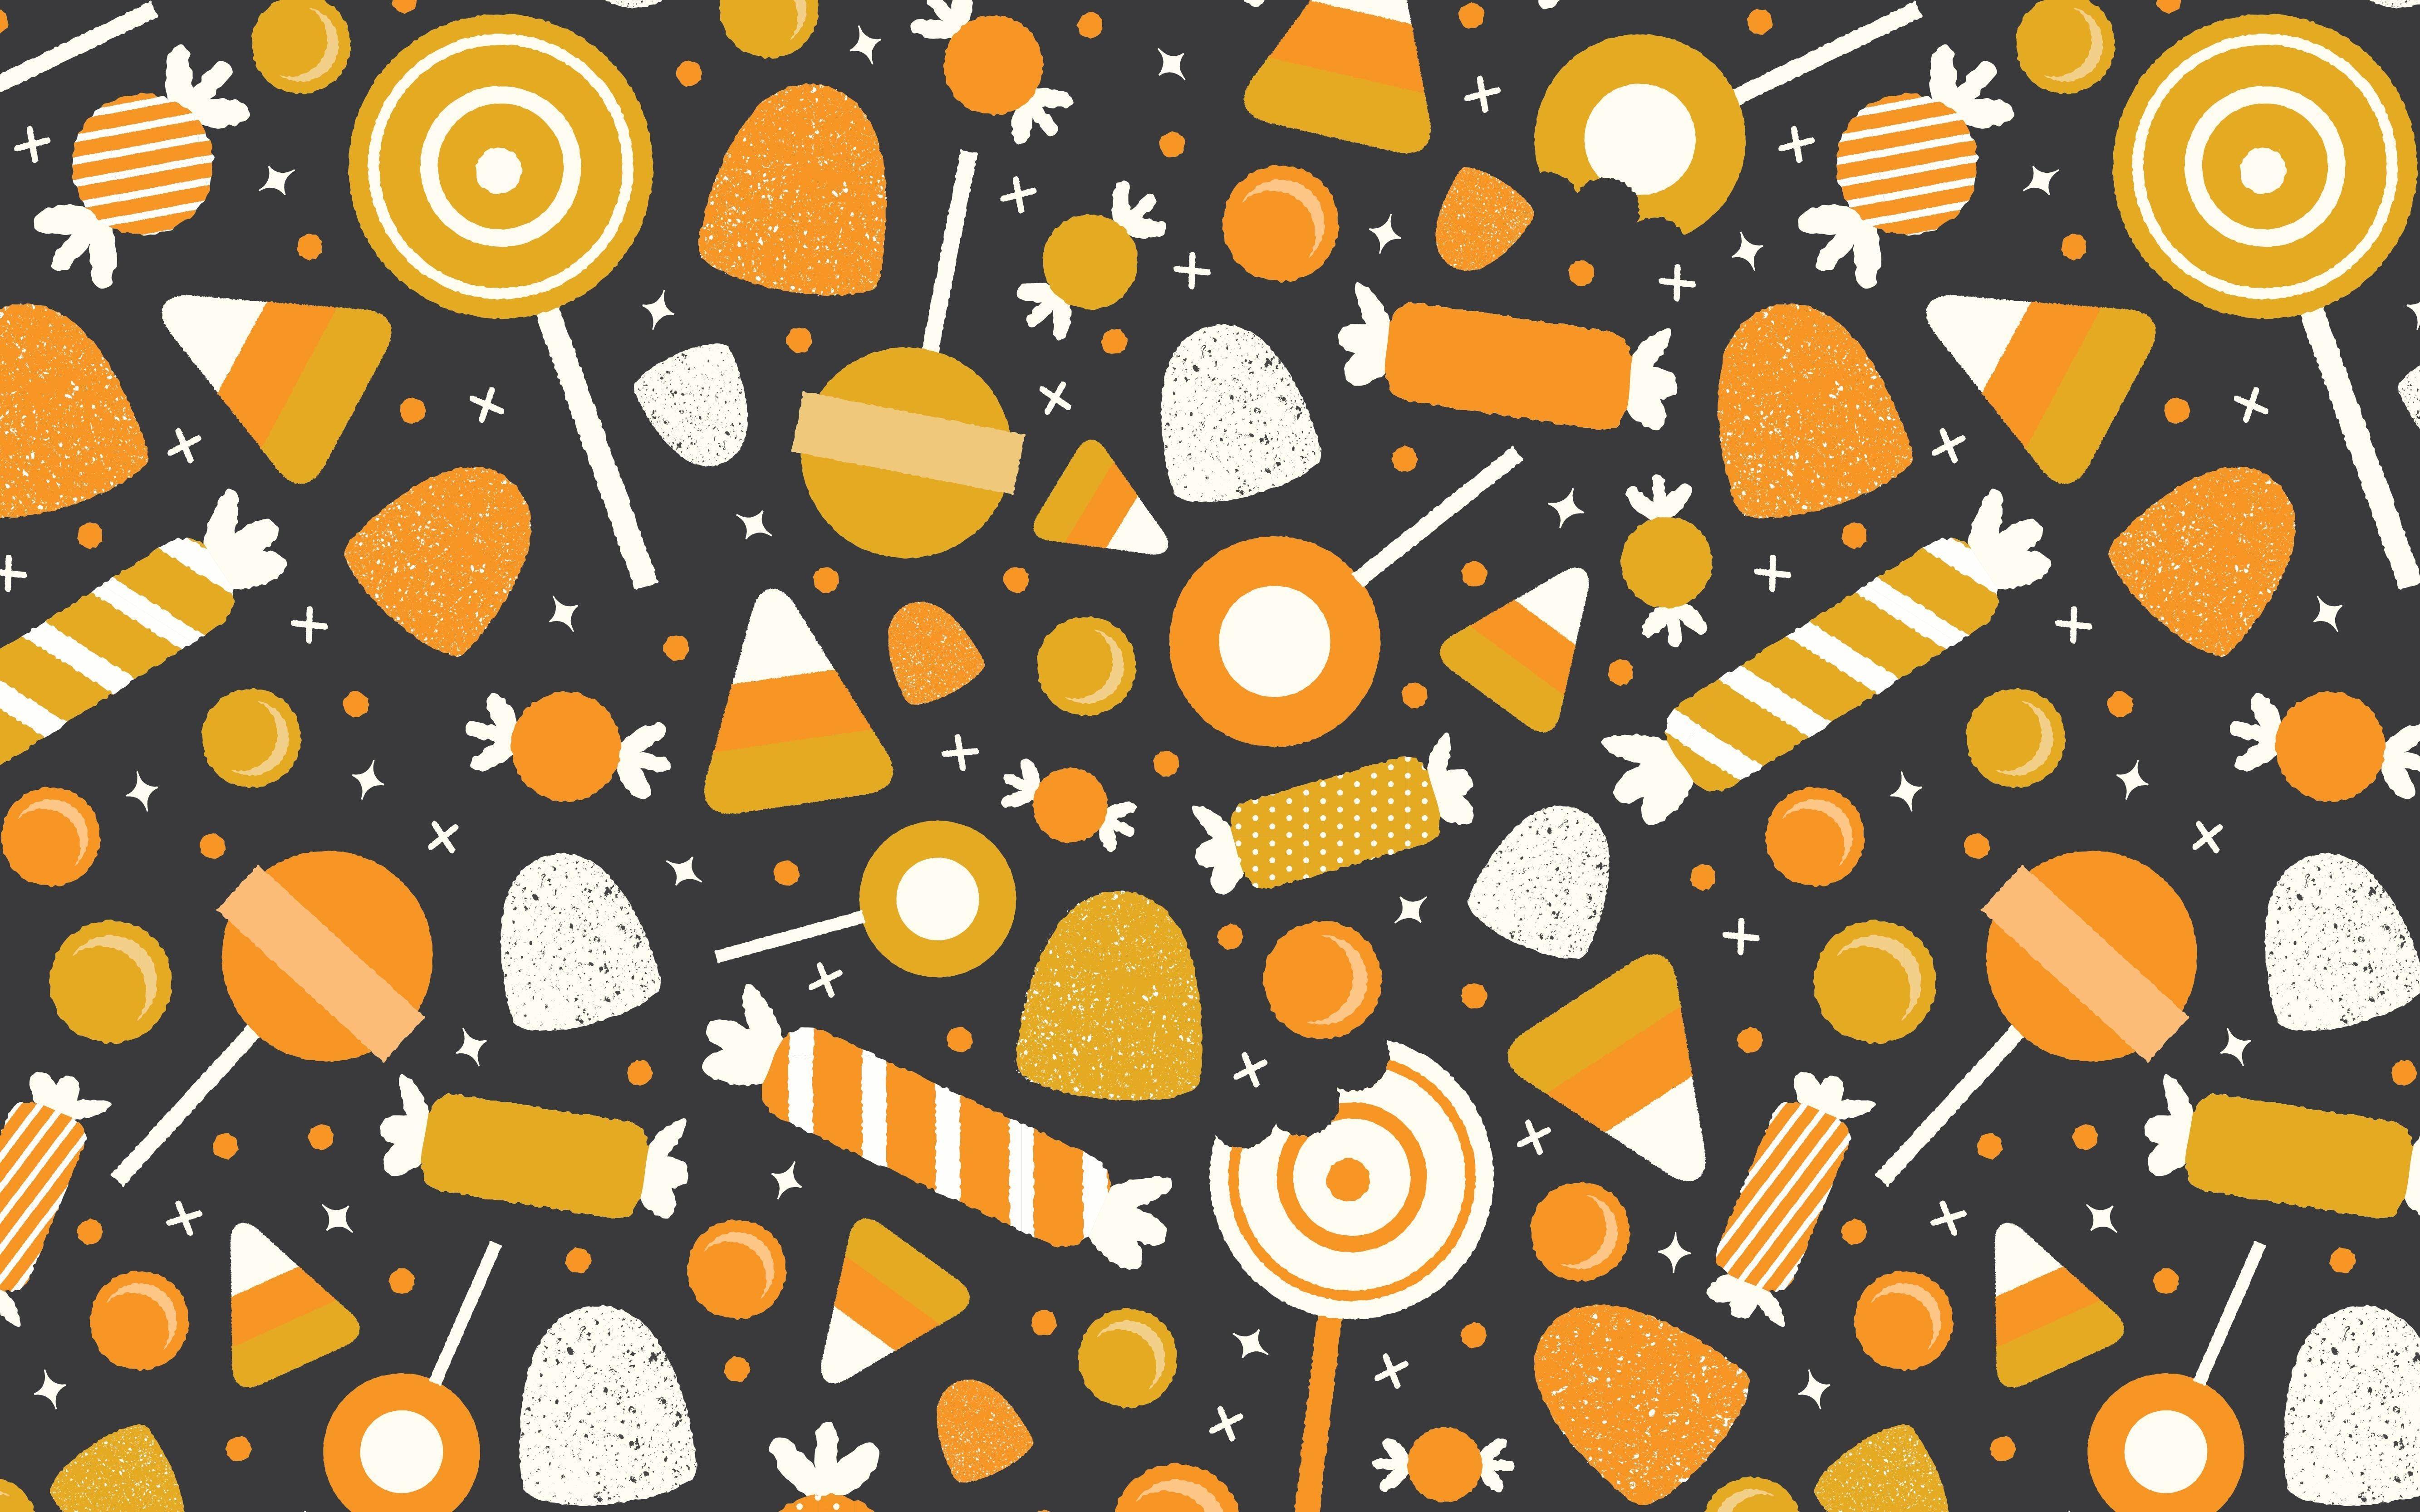 Cute Halloween Desktop Wallpapers - Top Free Cute ...